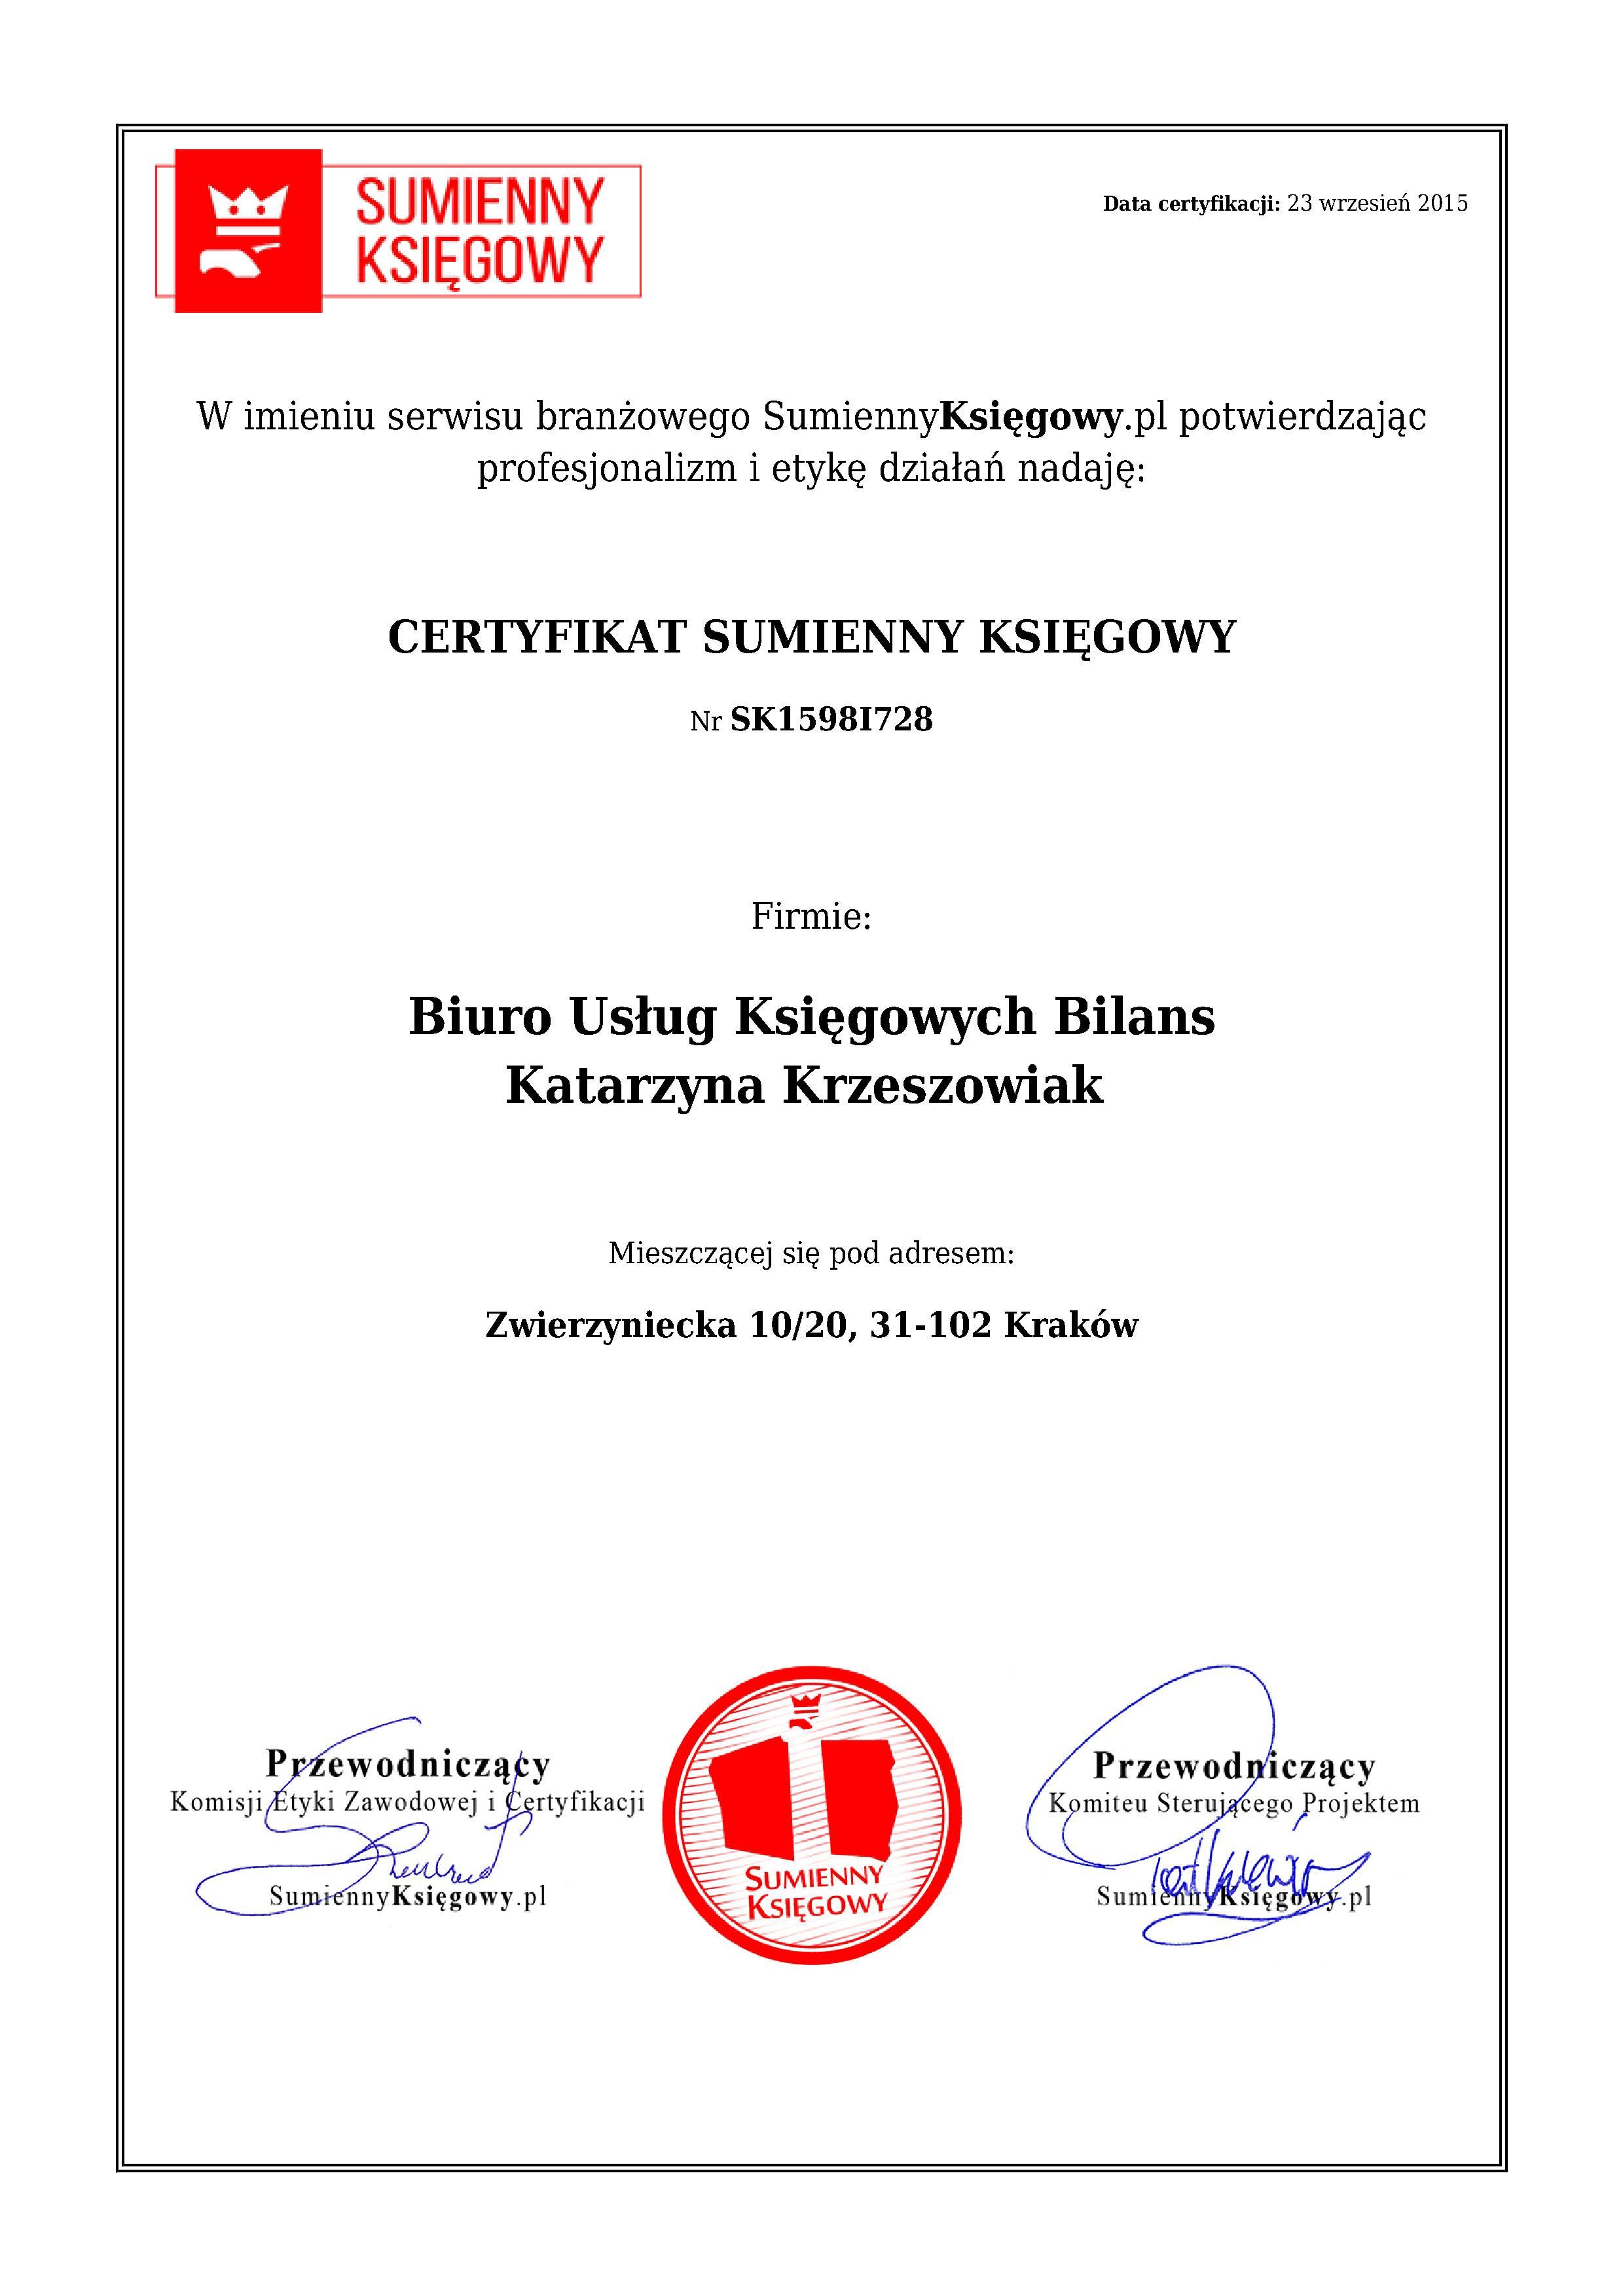 Certyfikat Biuro Usług Księgowych Bilans  Katarzyna Krzeszowiak